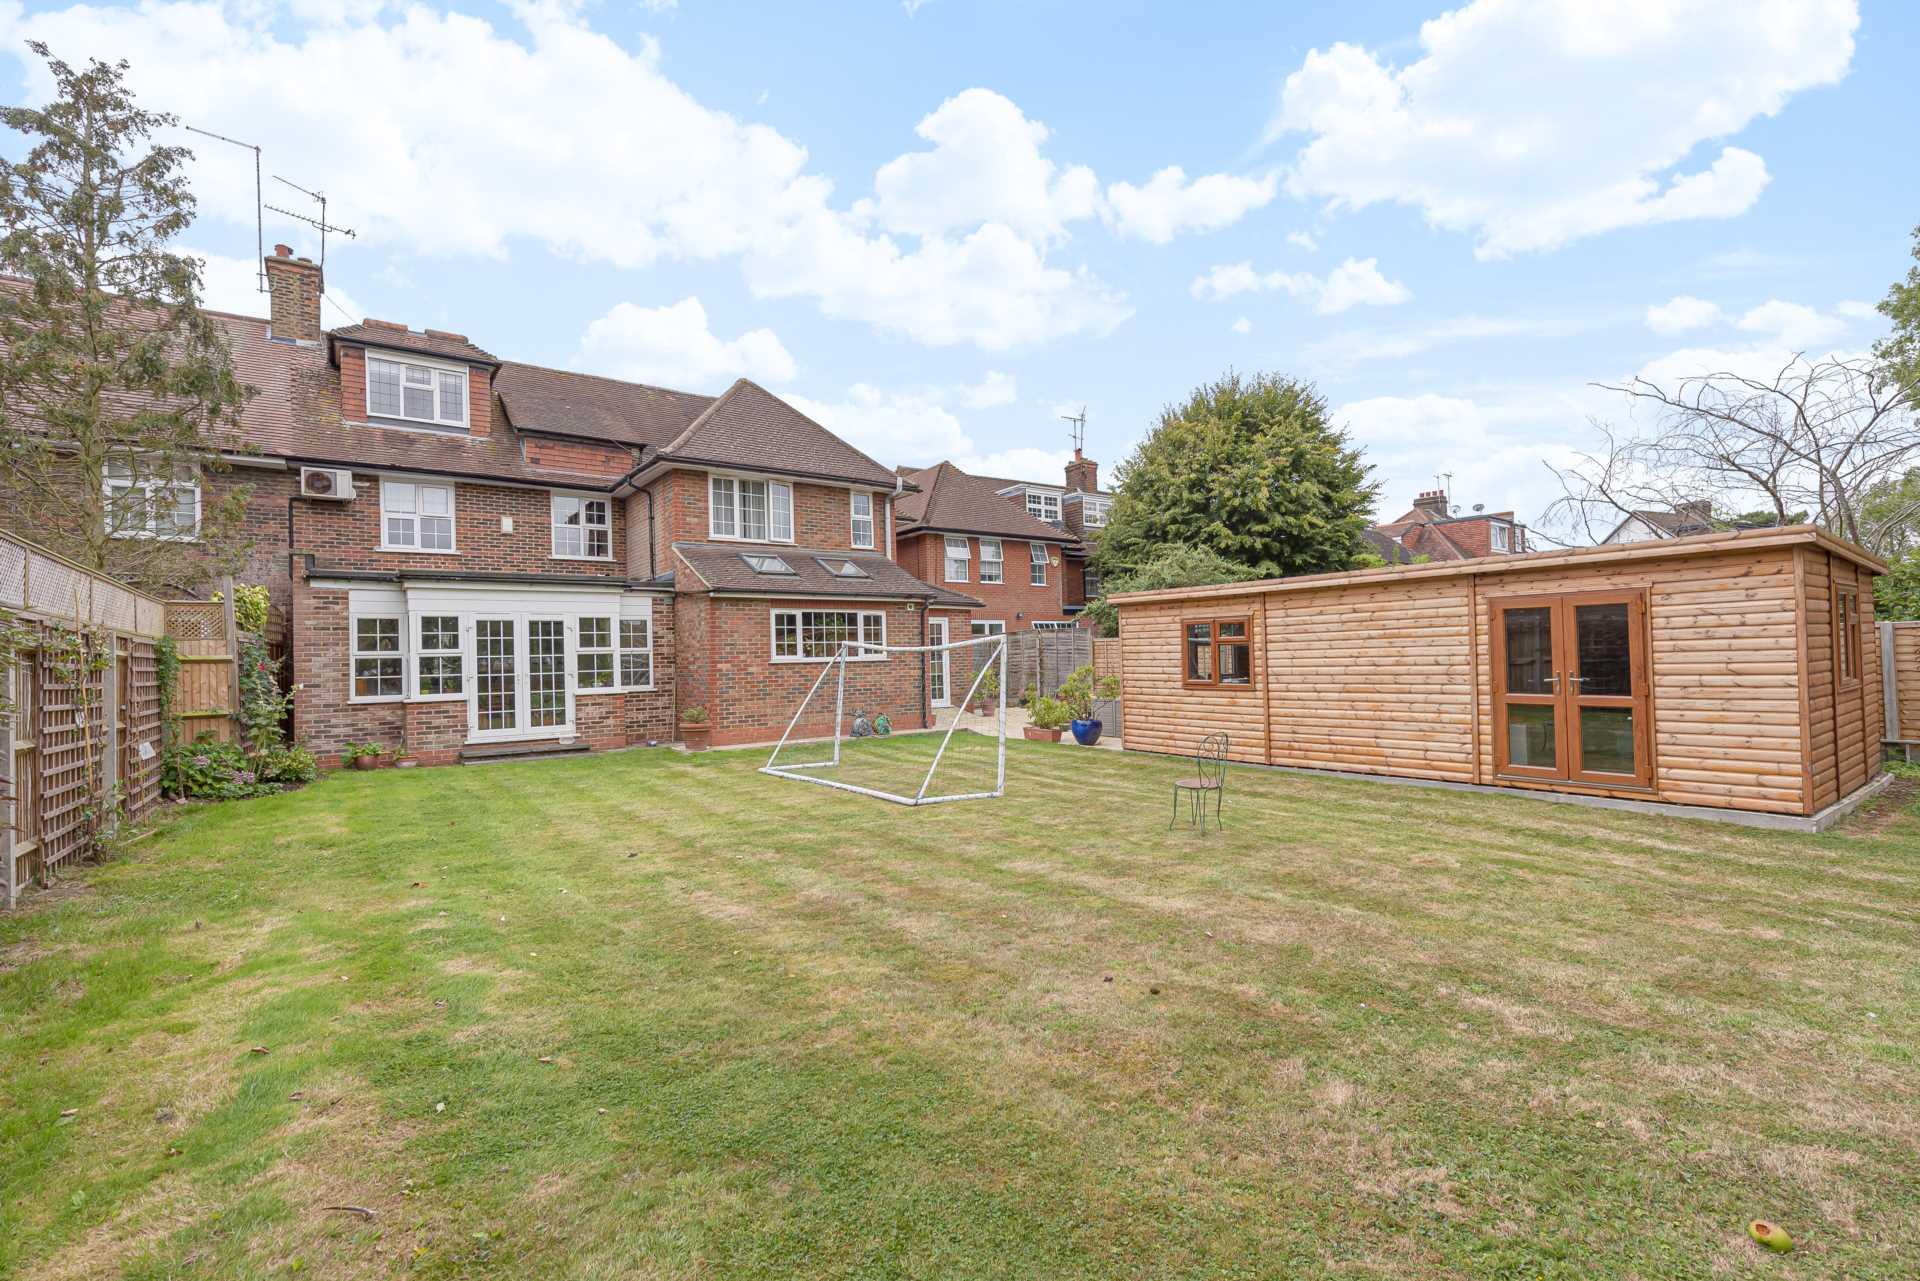 Deacons Hill Road, Elstree, Image 12